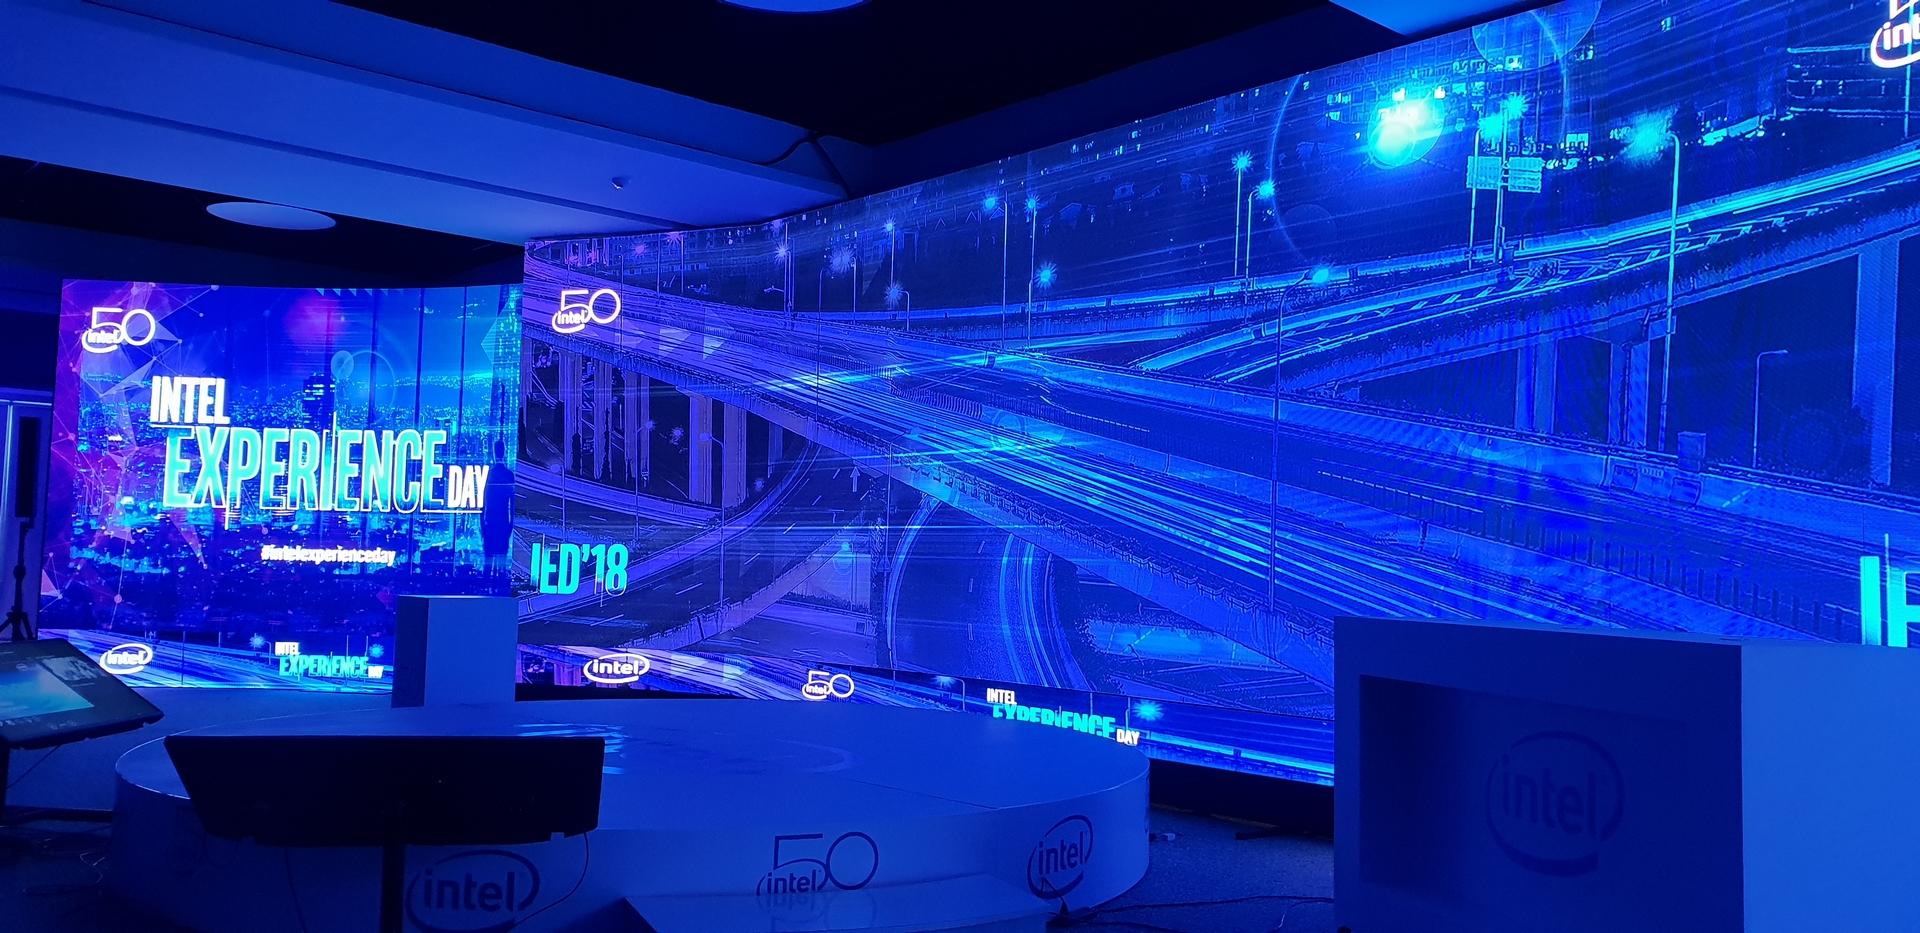 Intel celebró sus 50 años en el IntelExperienceDay Chile 2018